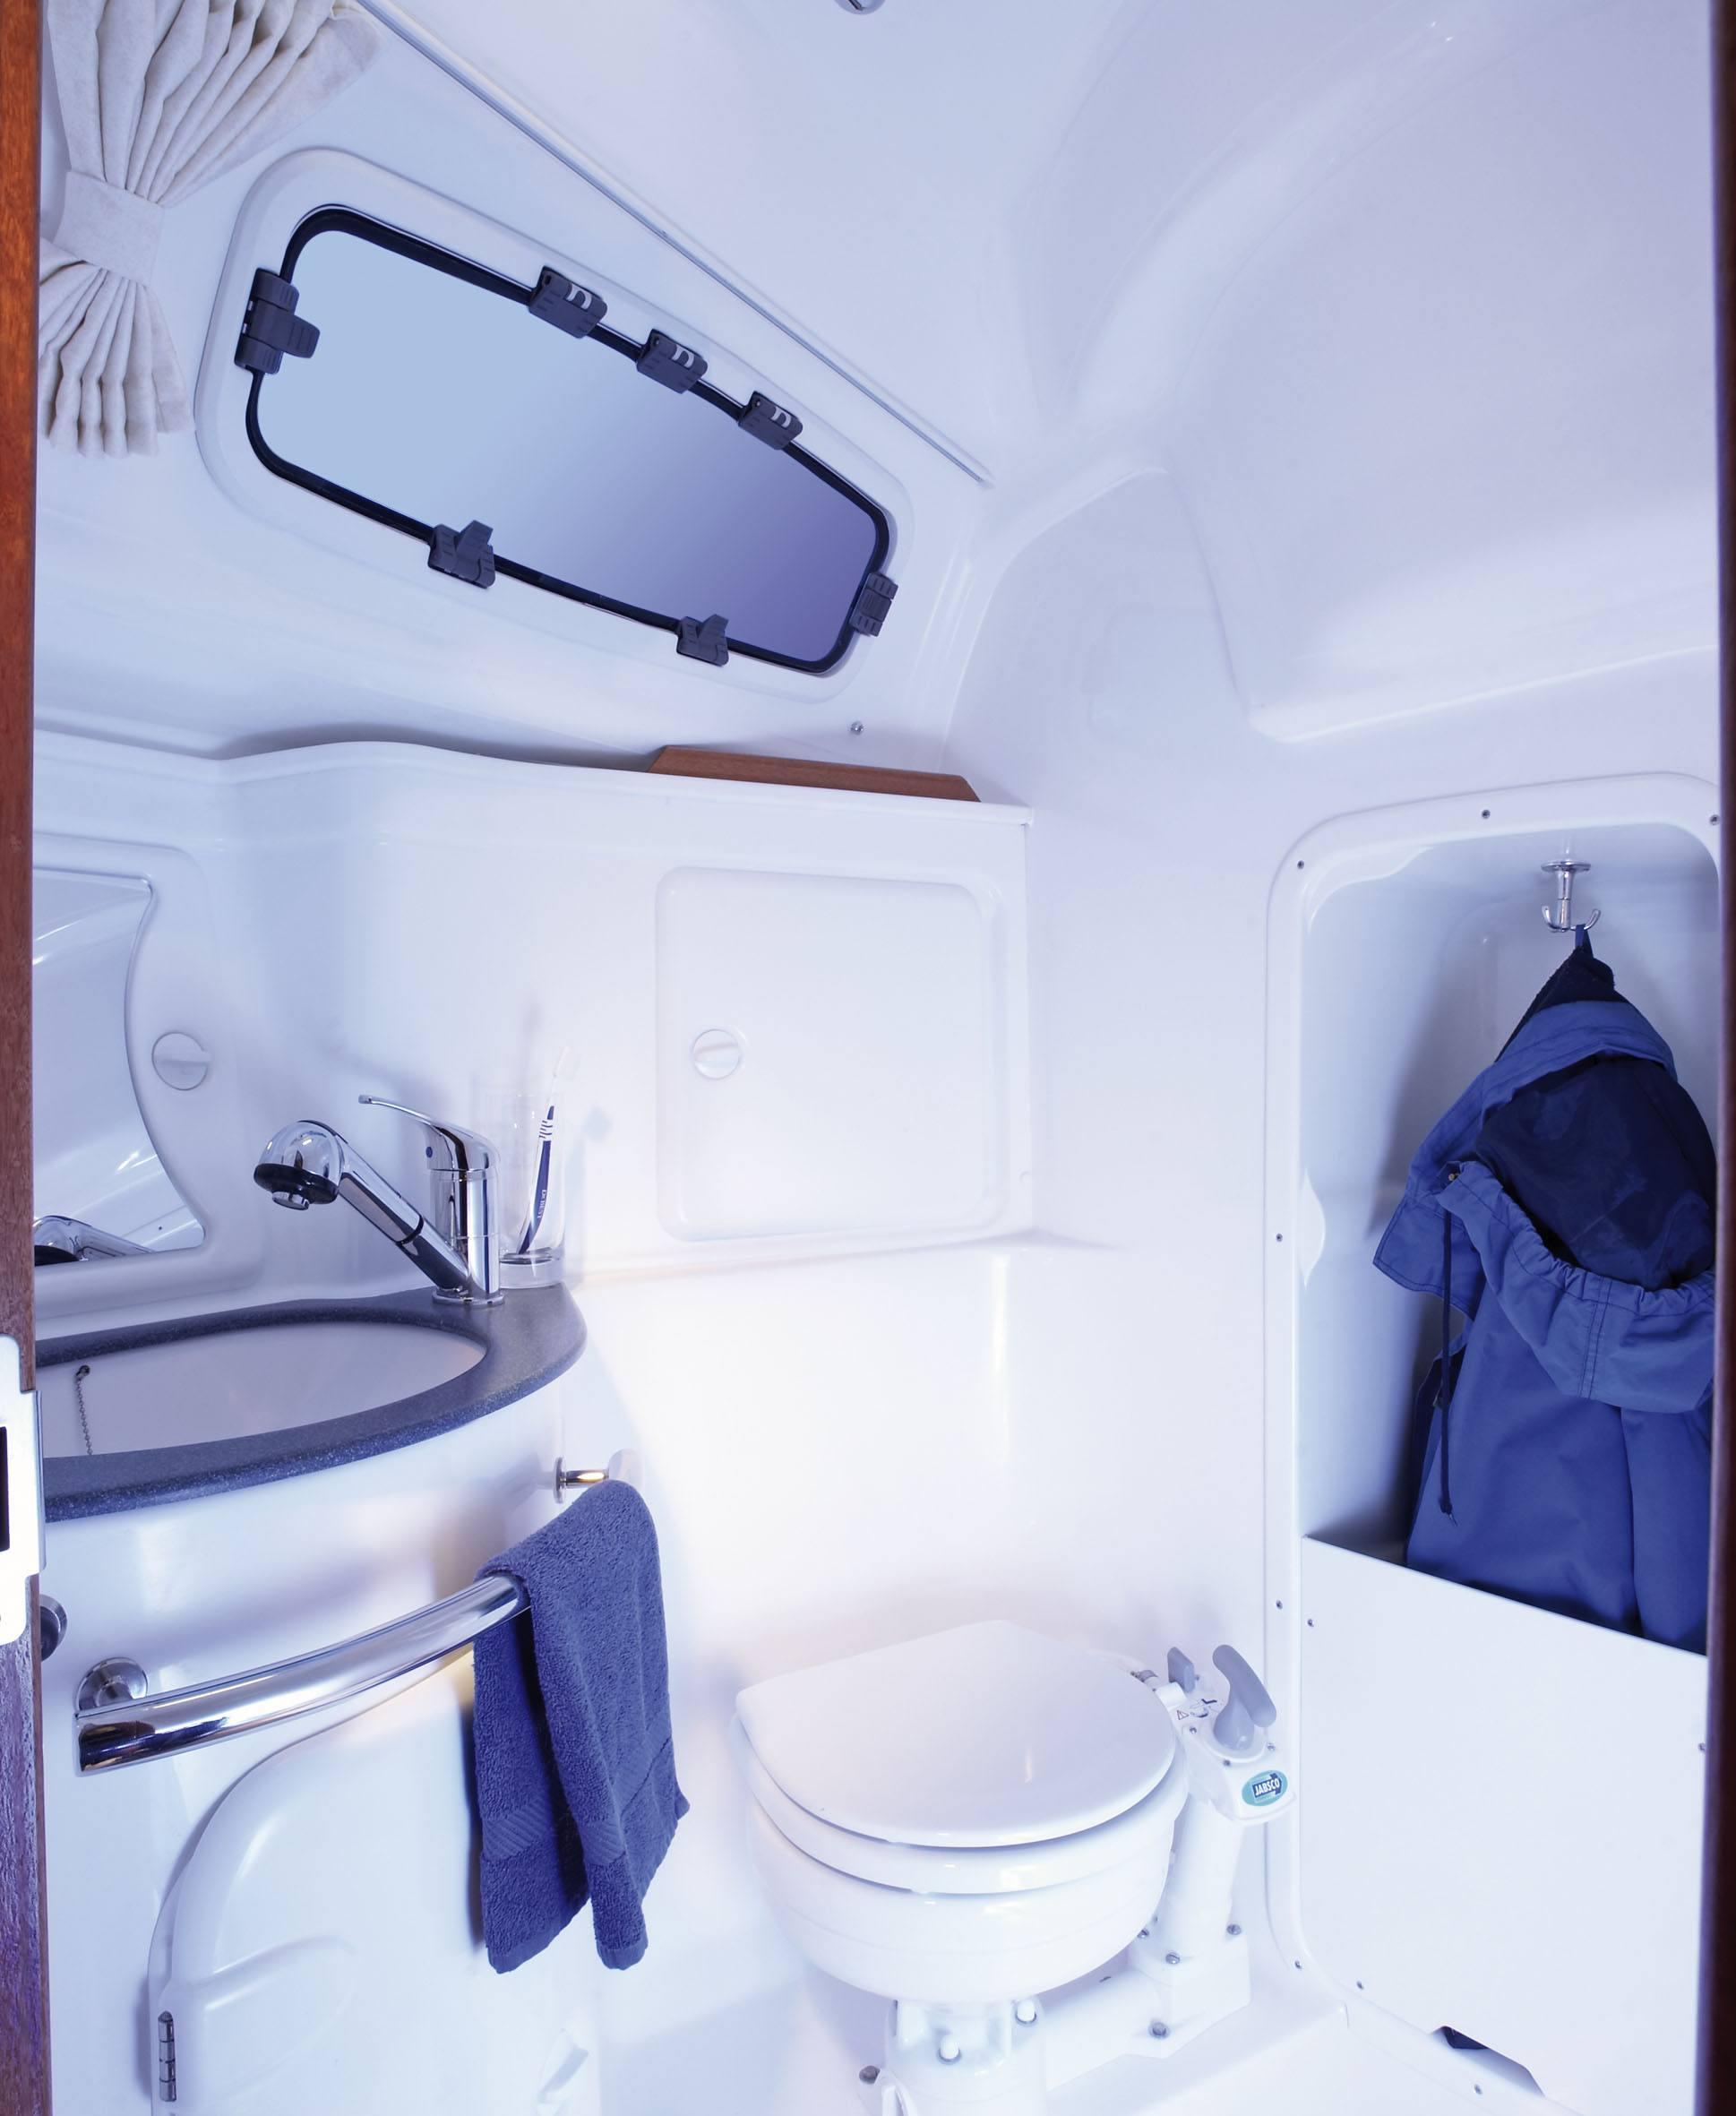 bavaria 33 cruiser nazelle mit toilette dusche nicht auf der hydra - Nasszelle Dusche Wc